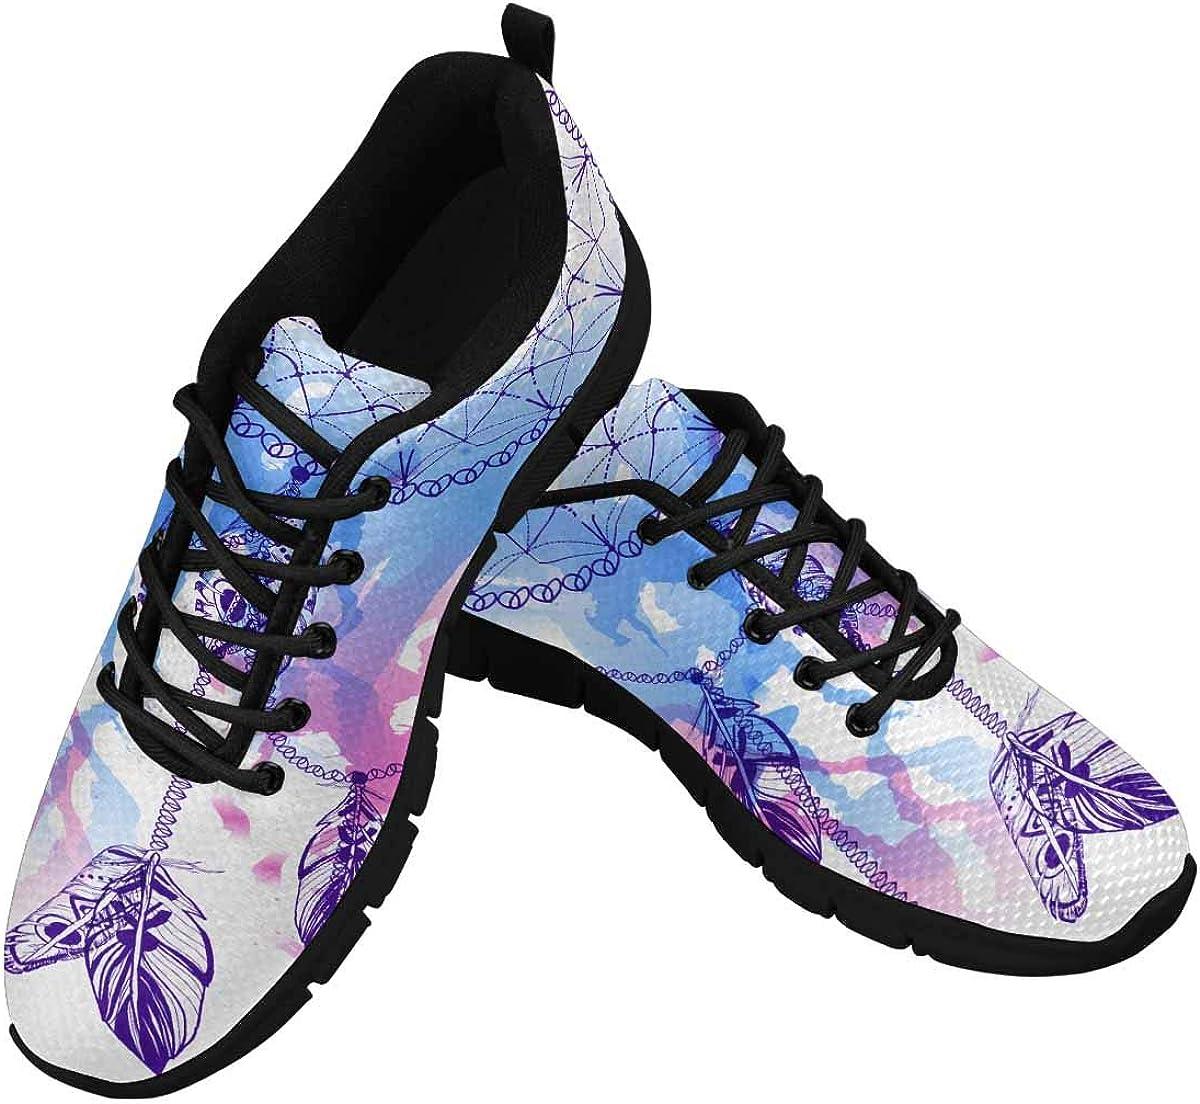 INTERESTPRINT Watercolor Dream Catcher Women's Tennis Running Shoes Lightweight Sneakers